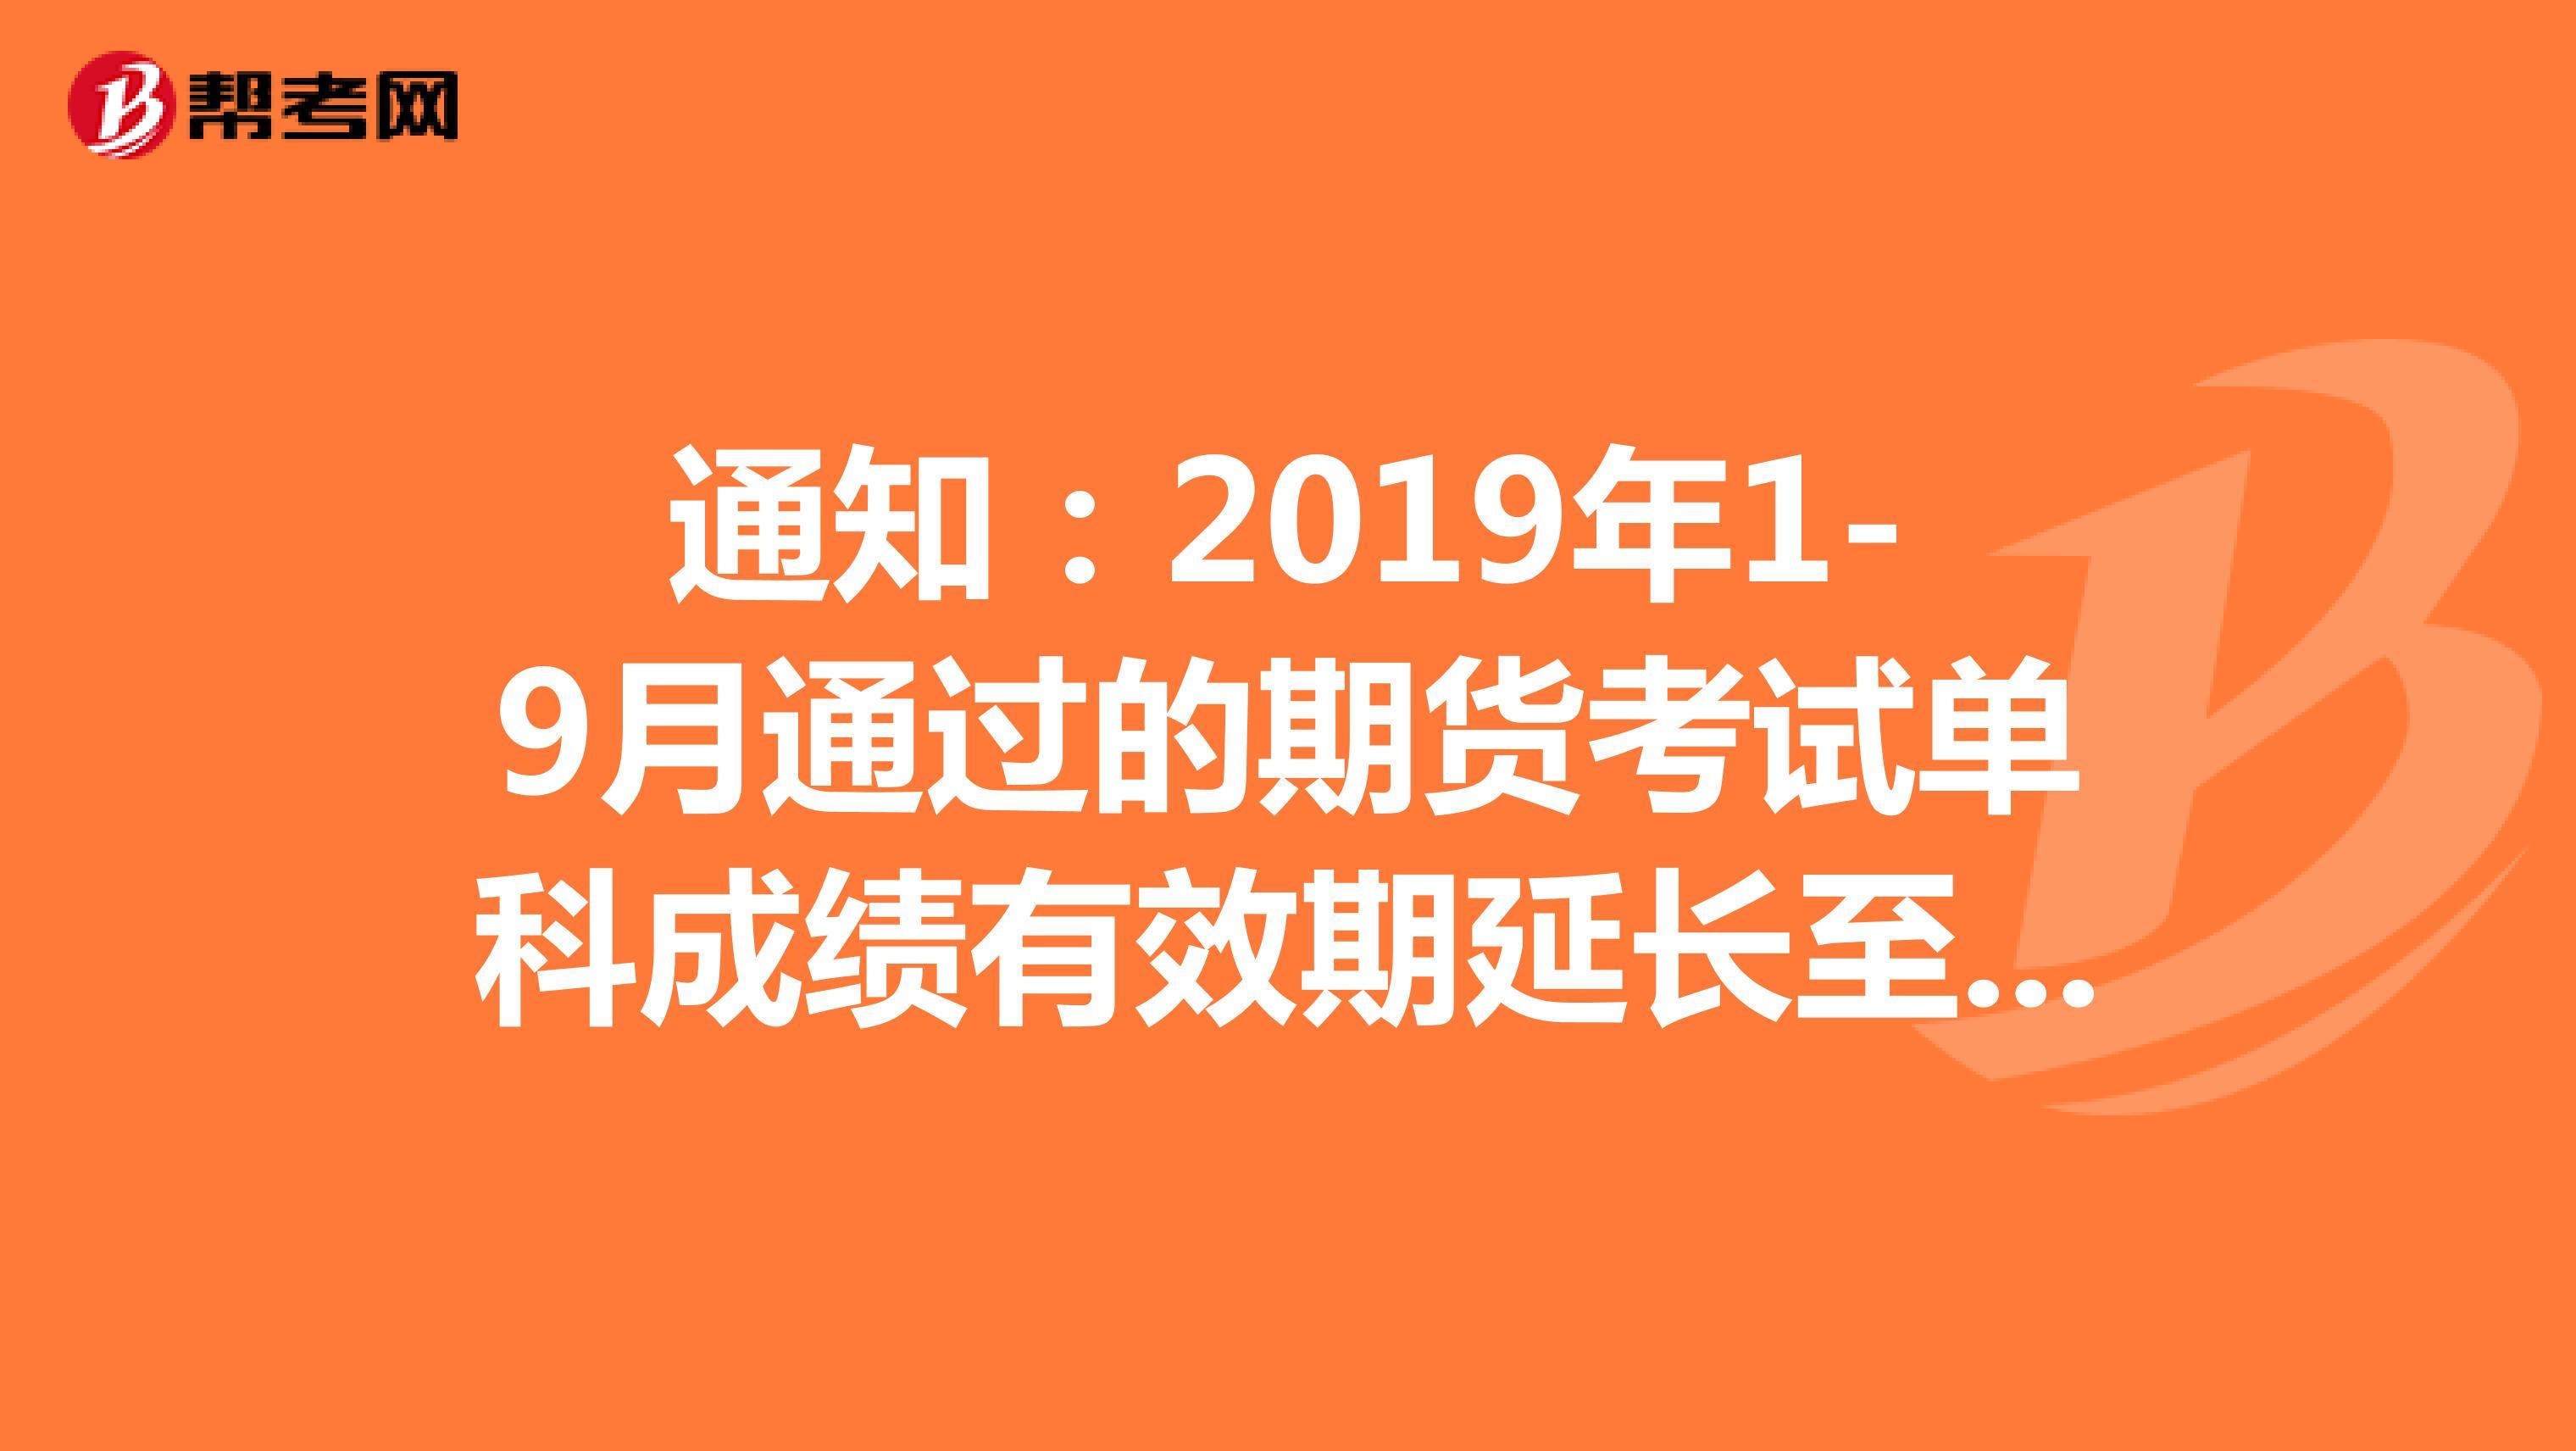 通知:2019年1-9月通过的期货考试单科成绩有效期延长至四年!